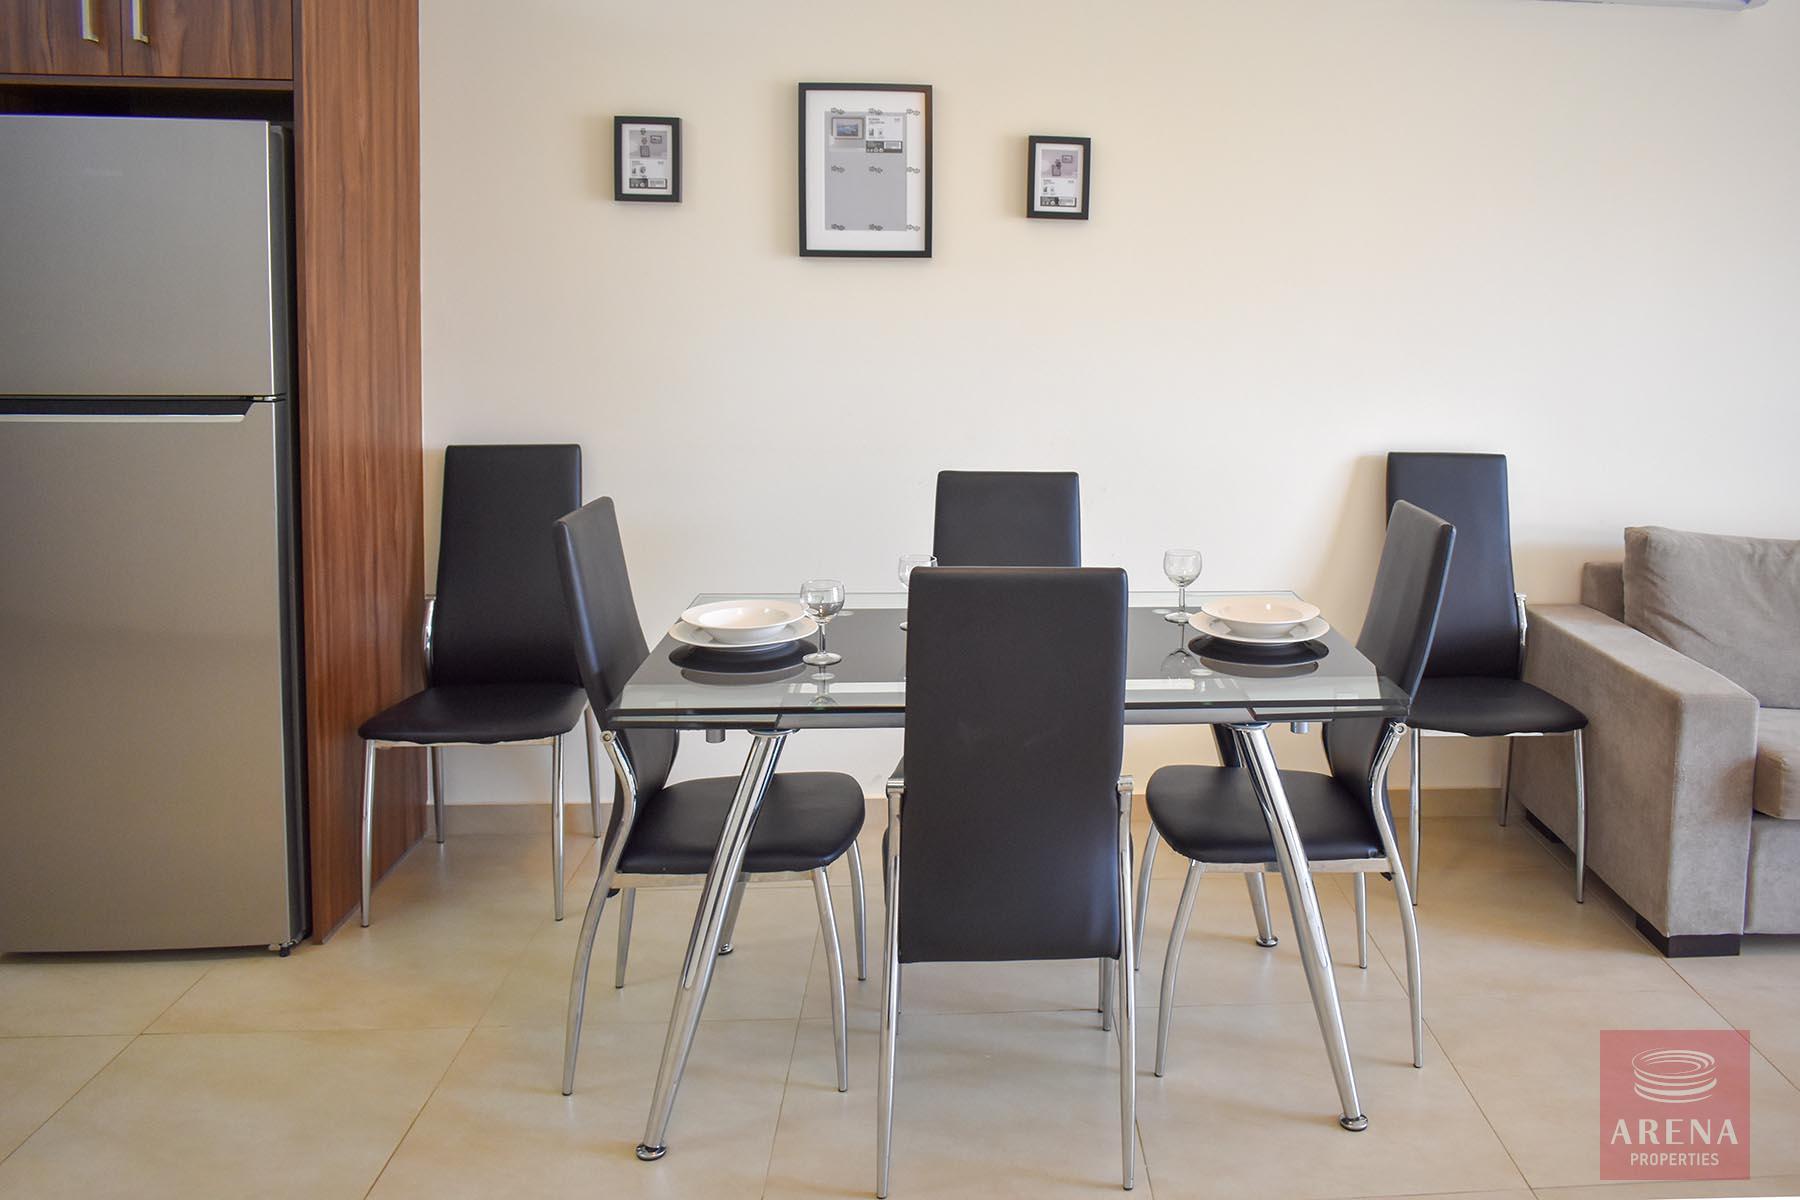 Ground Floor Apartment in Kapparis - dining-area